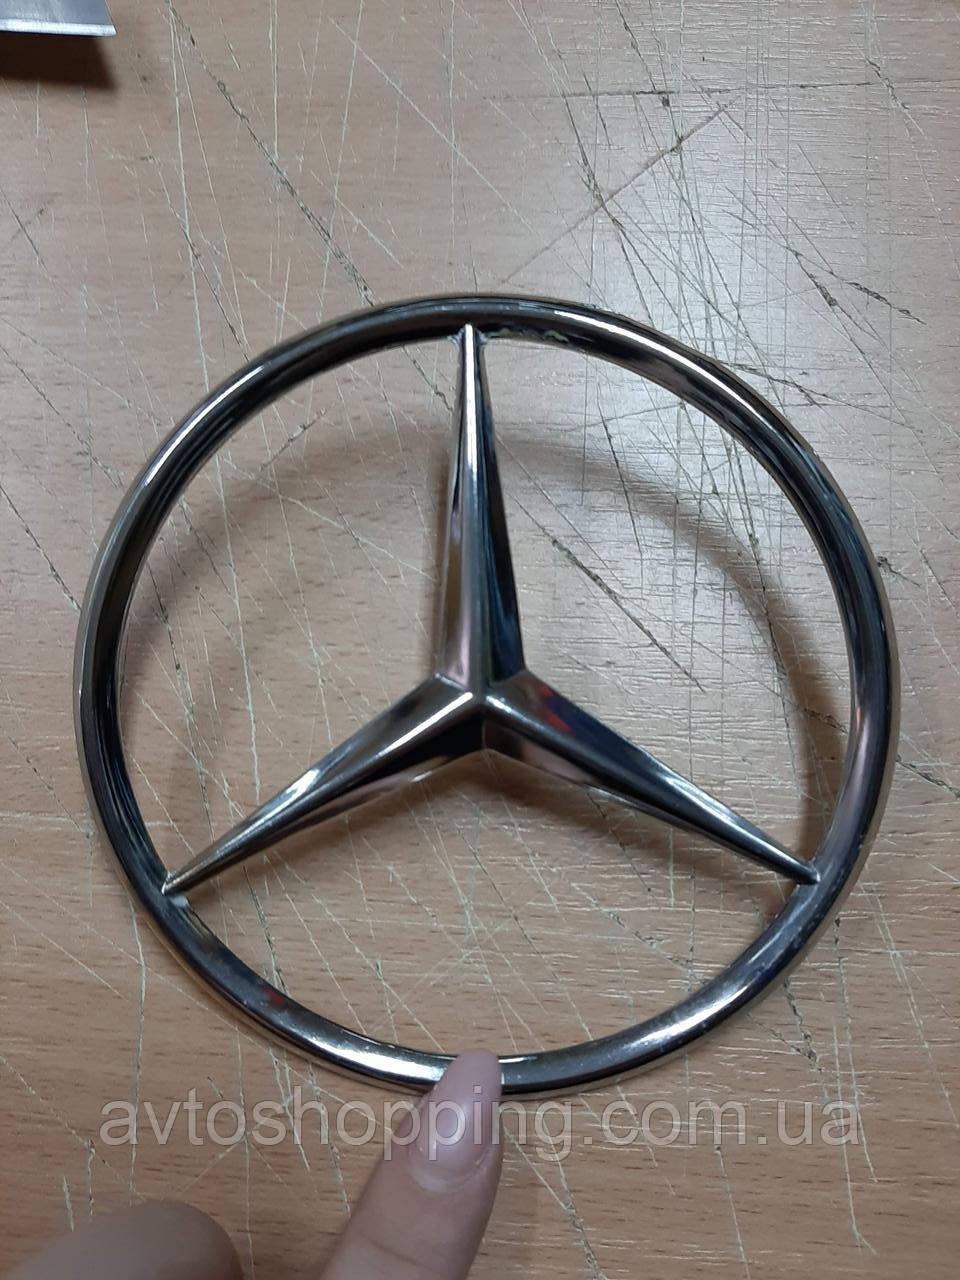 Эмблема на багажник 115 мм, Mercedes прицел кузов 123, 124, 126, 190 на болт